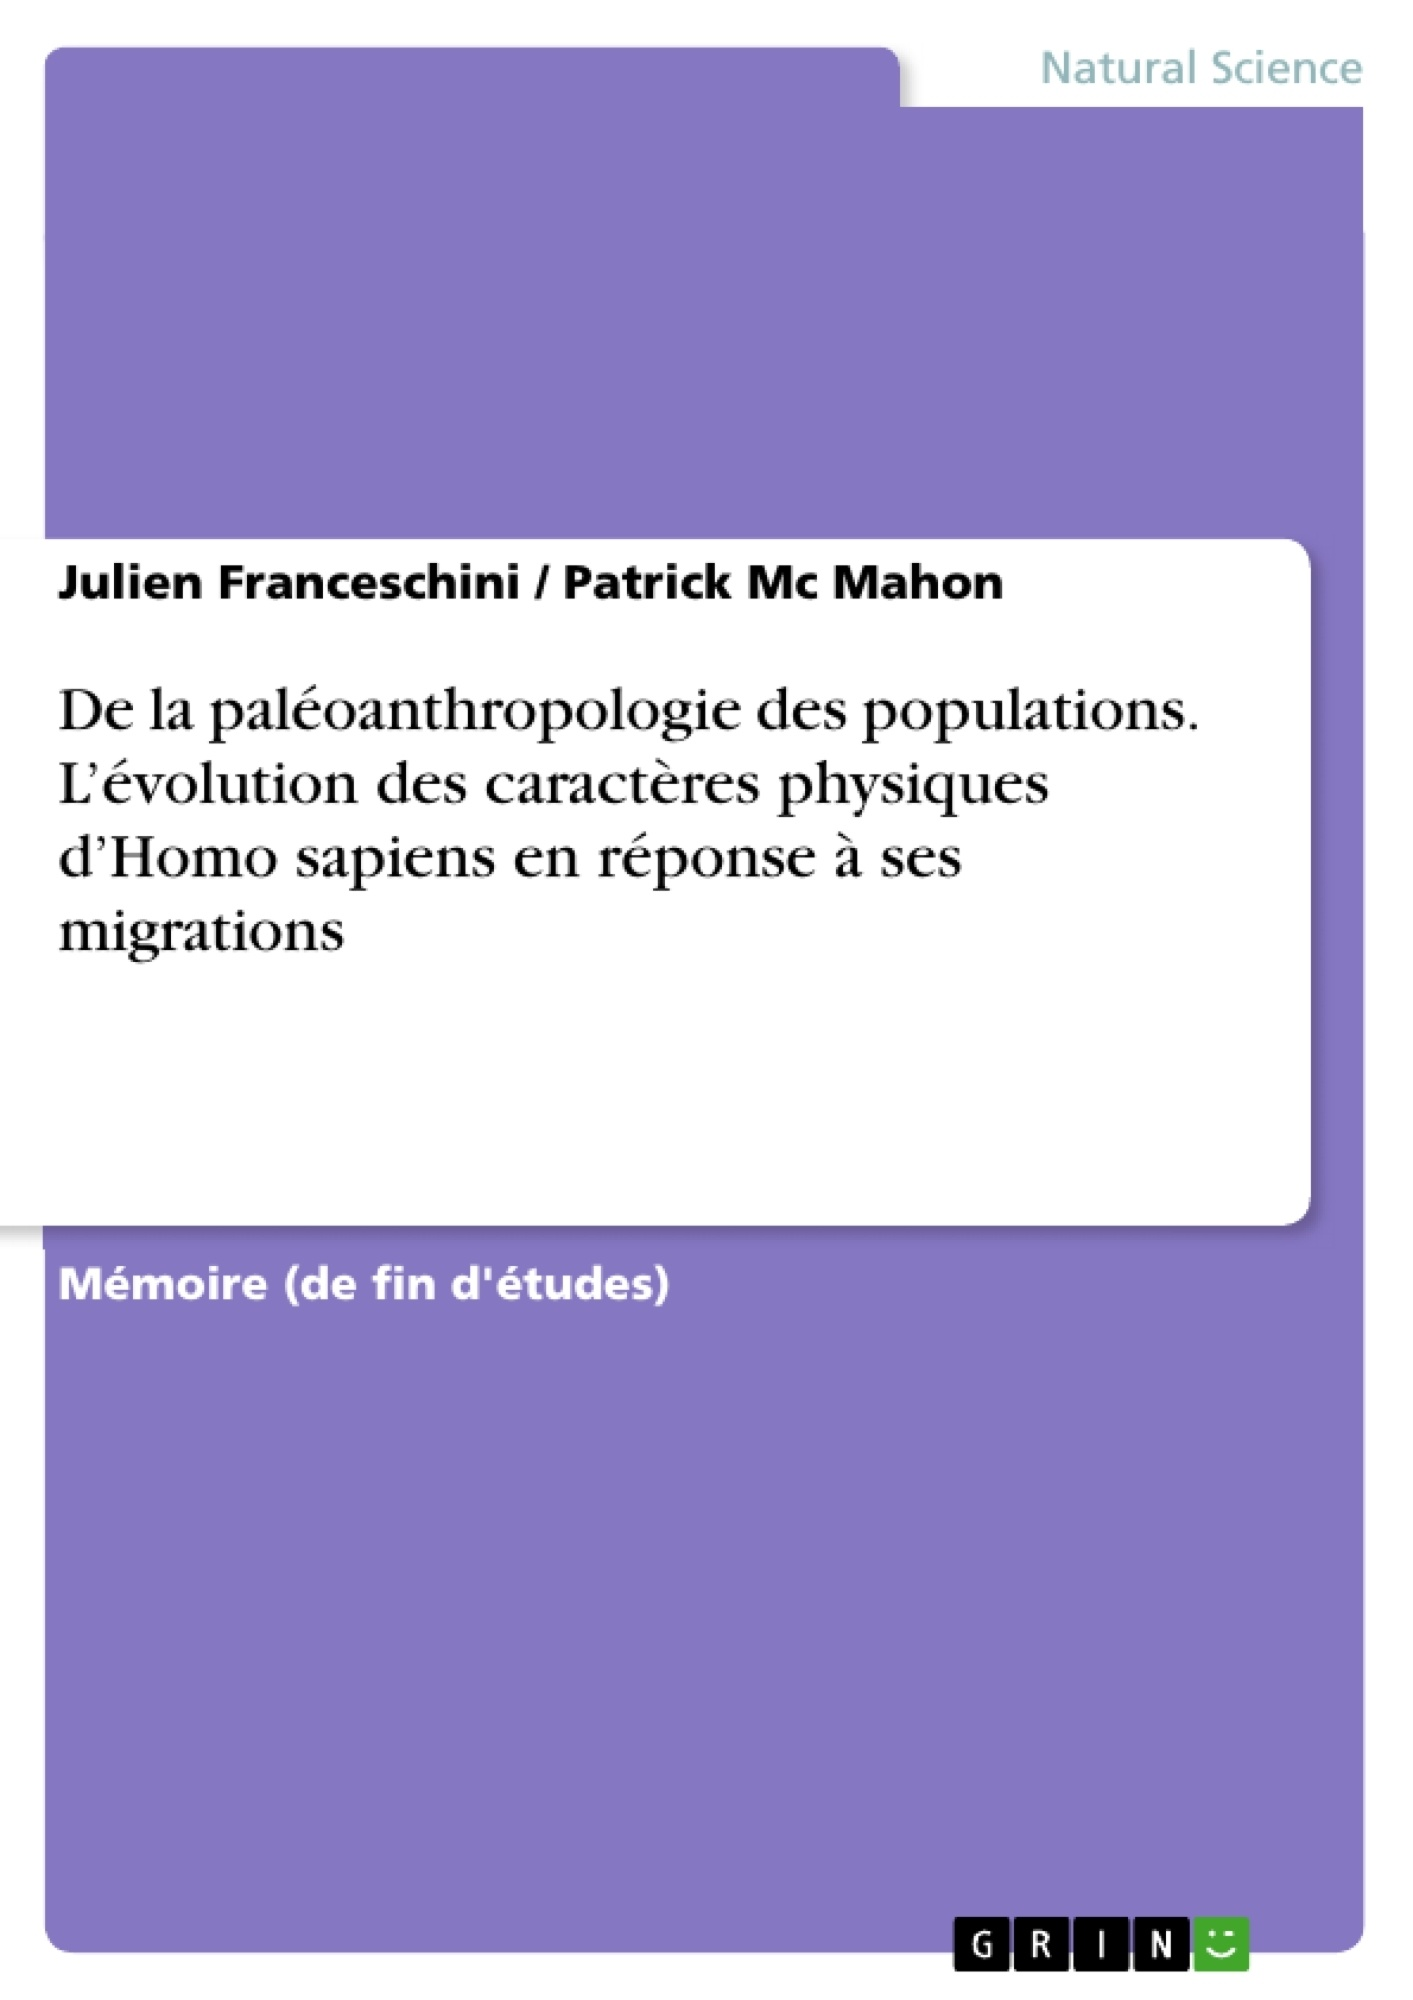 Titre: De la paléoanthropologie des populations. L'évolution des caractères physiques d'Homo sapiens en réponse à ses migrations